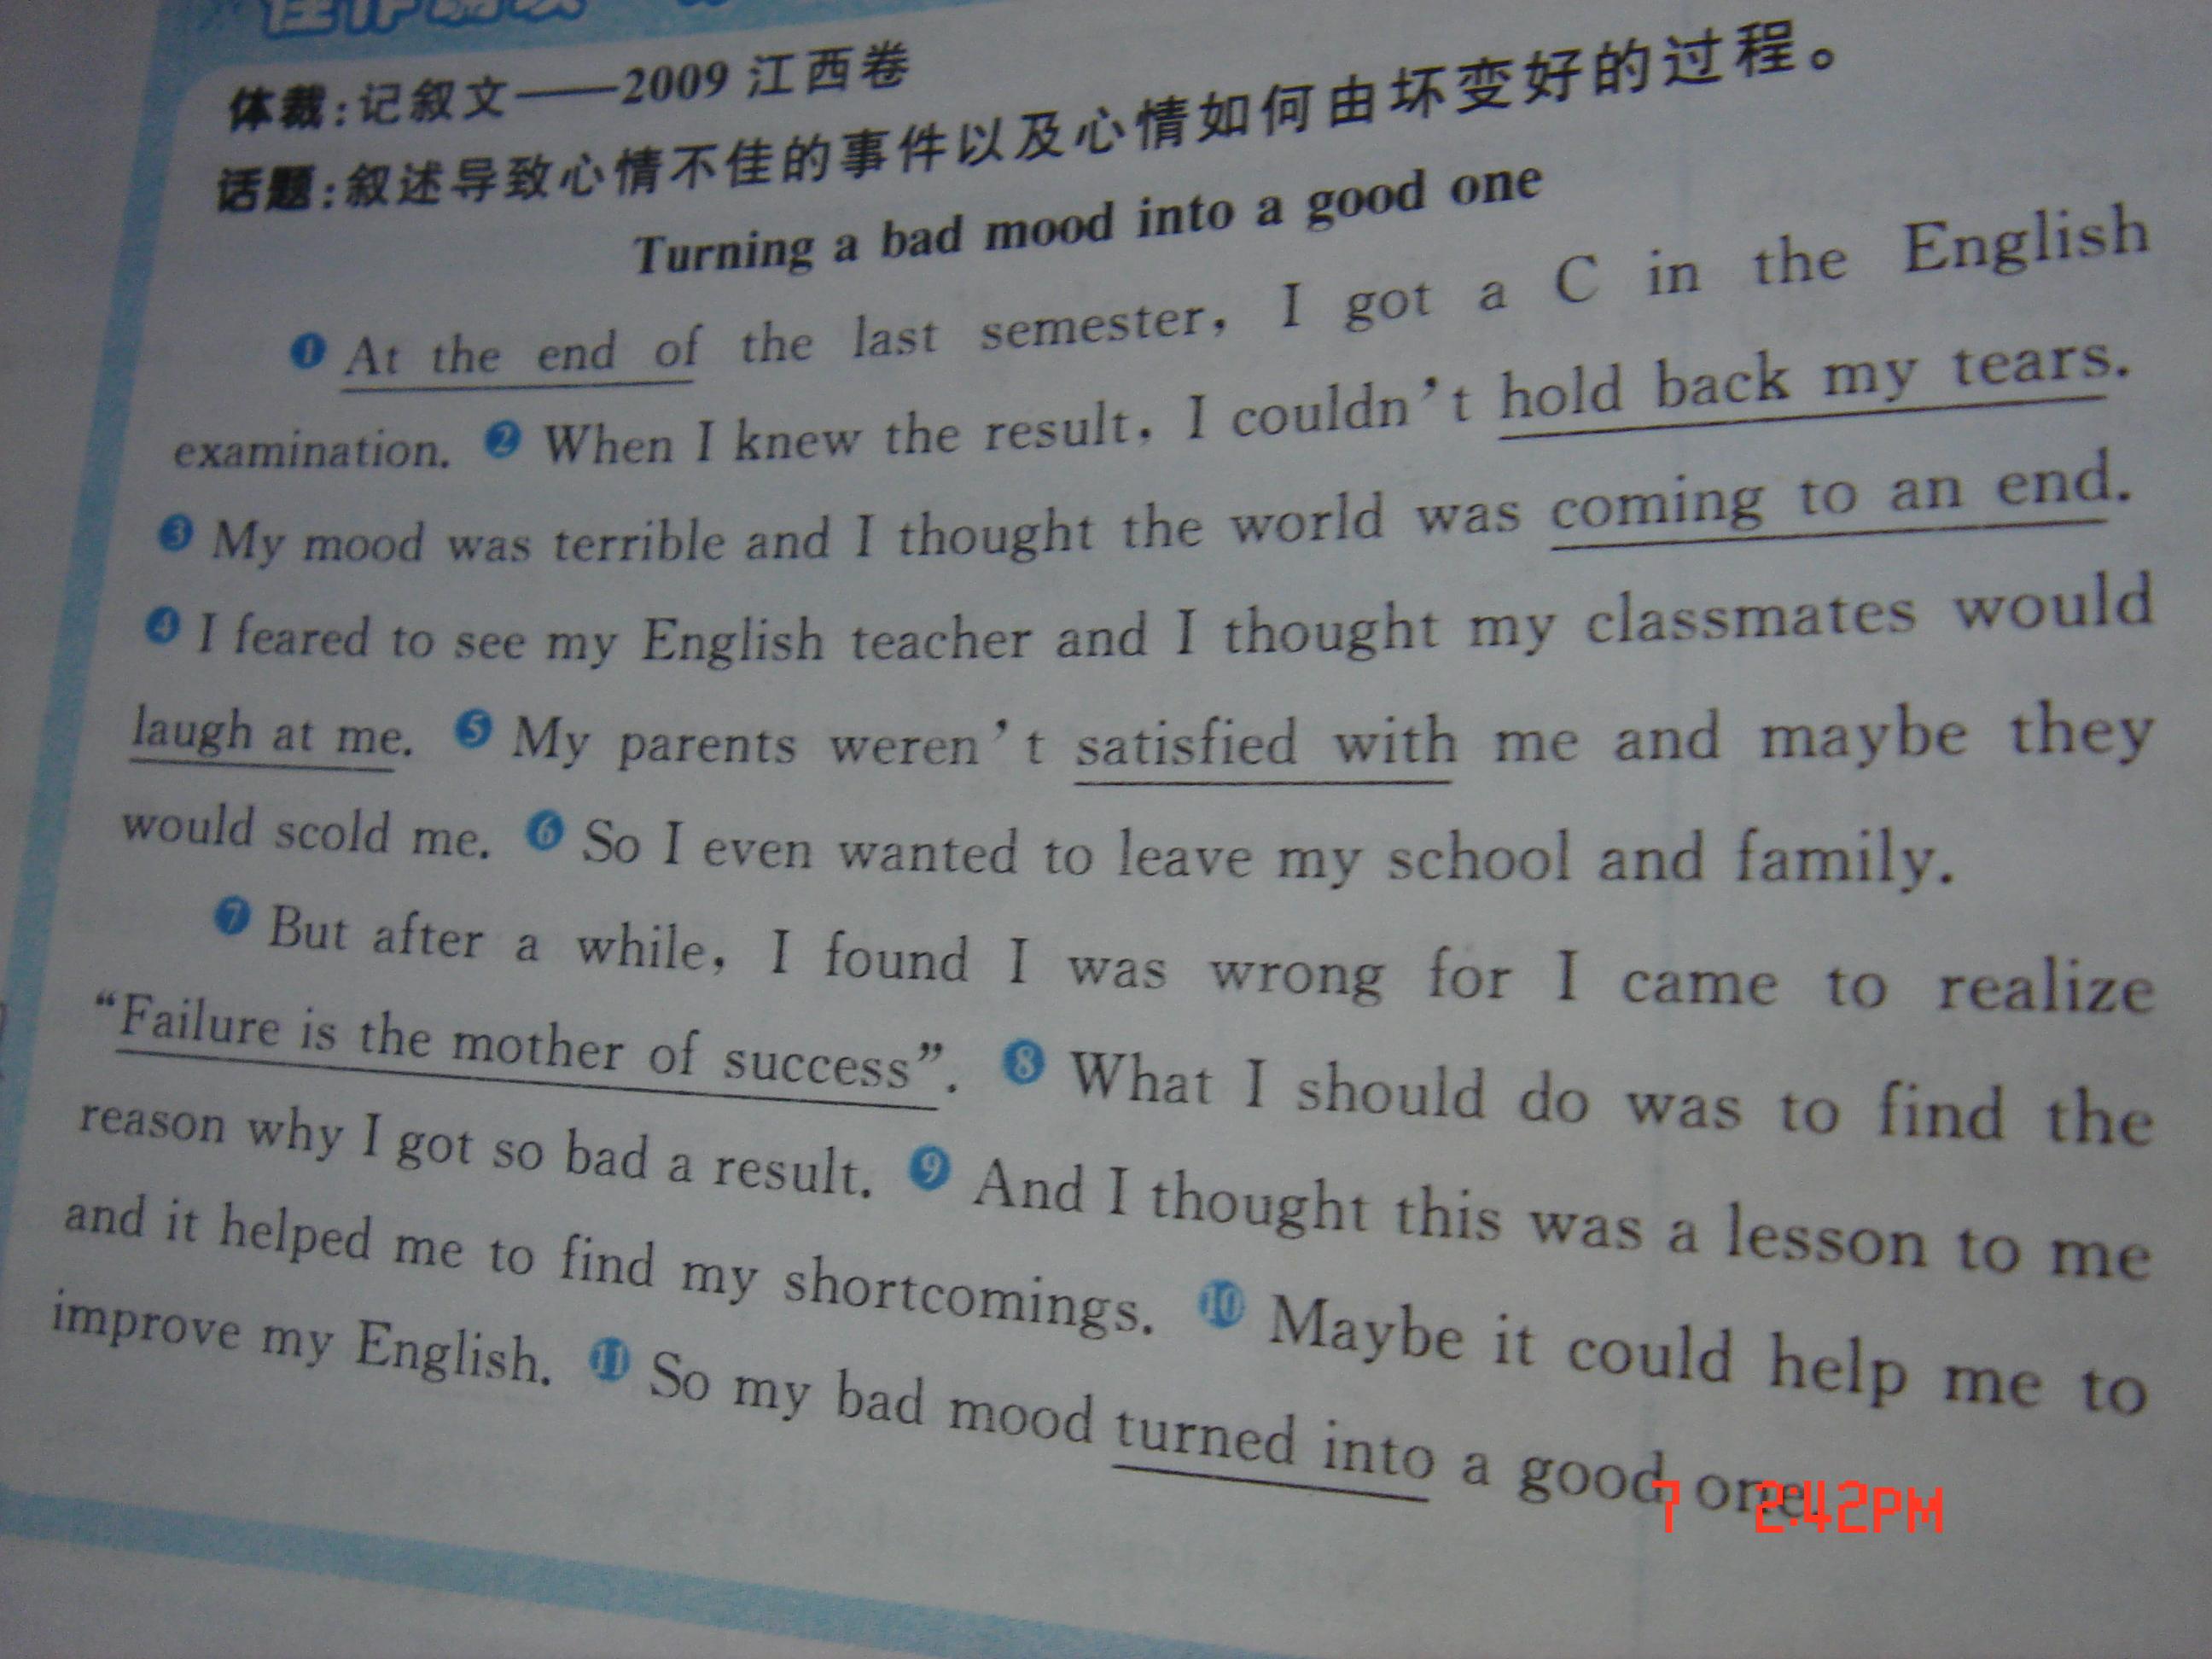 信息中心 高考英语作文写作名人名言(15句)   求高考英语作文素材主题